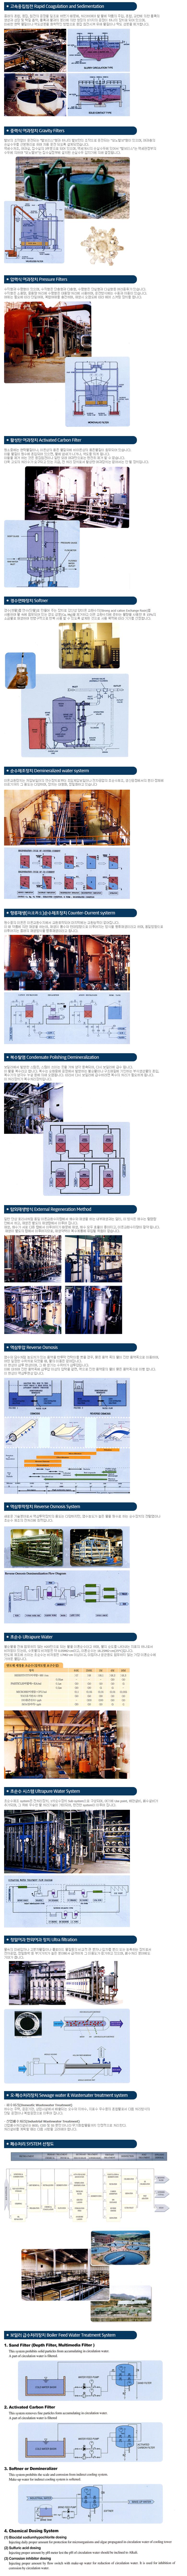 (주)네가트론 Water Treatment System  1